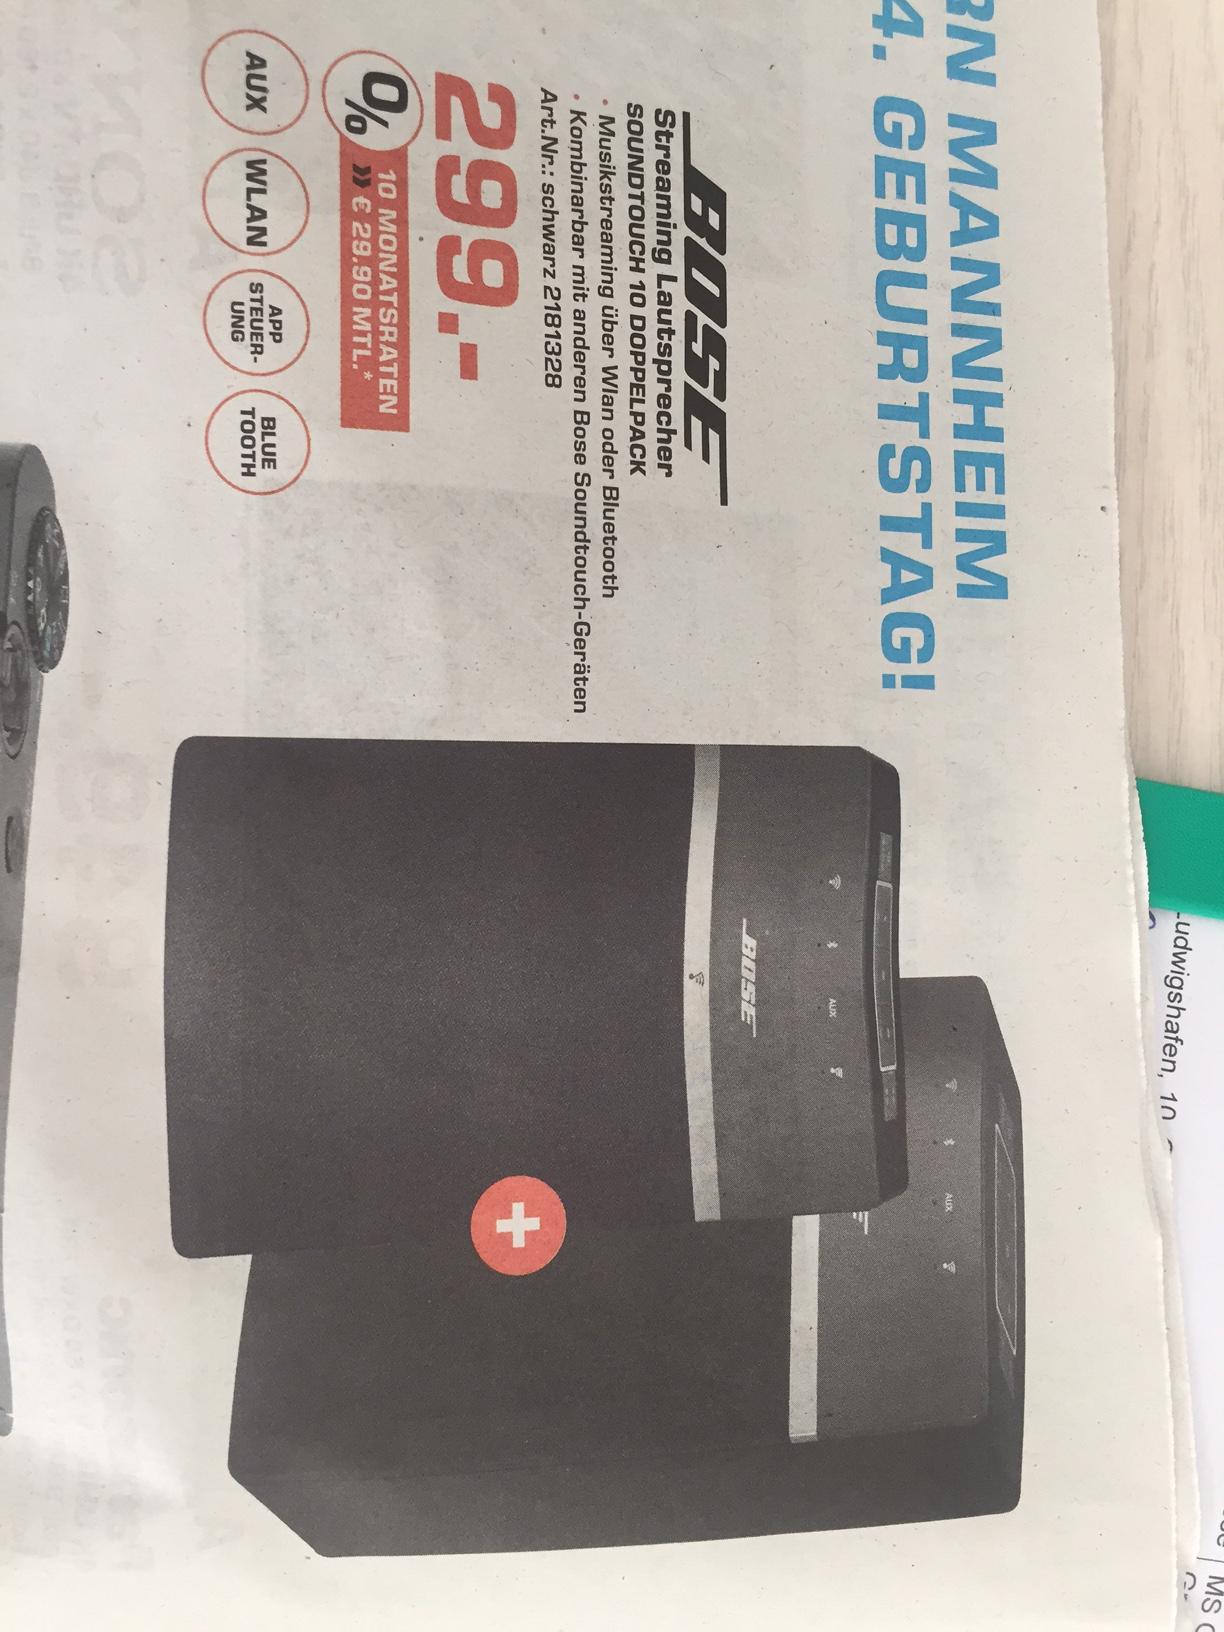 Bose Sound Touch 10 im Doppelpack für 299€ also je 149,50€  (Idealo 179,- € je) bei Saturn Mannheim